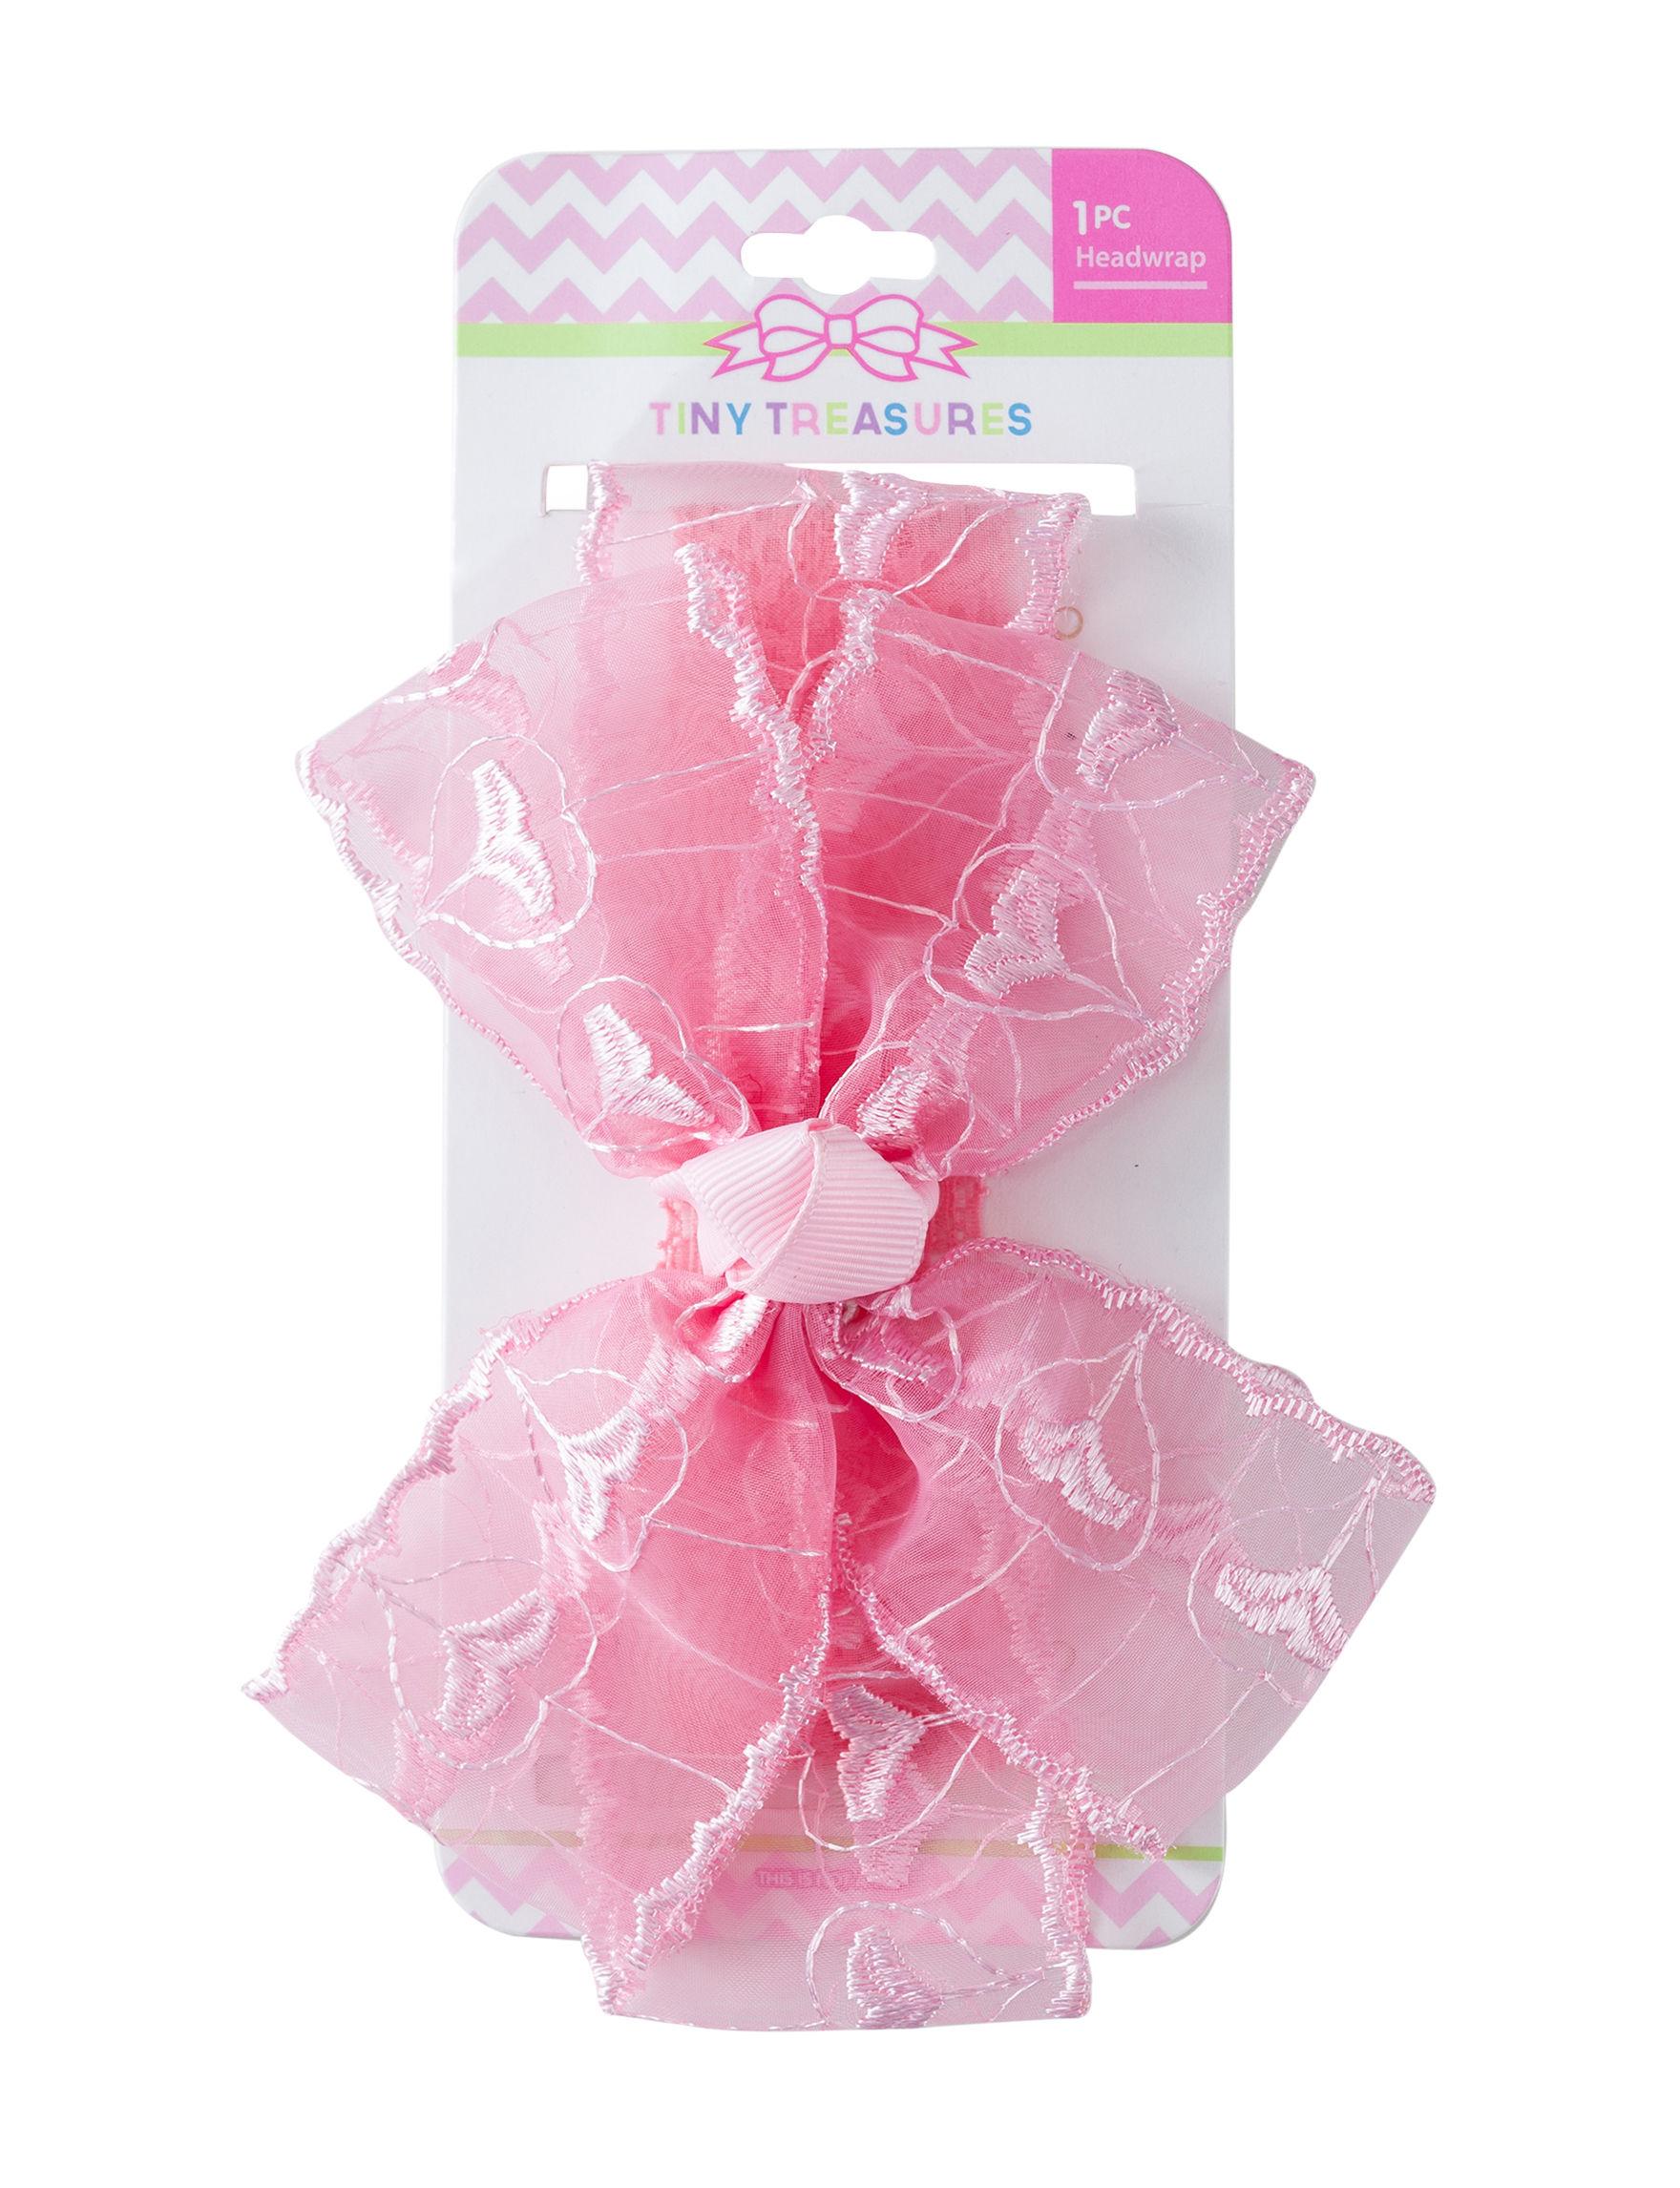 Tiny Treasures Pink Diaper Bags